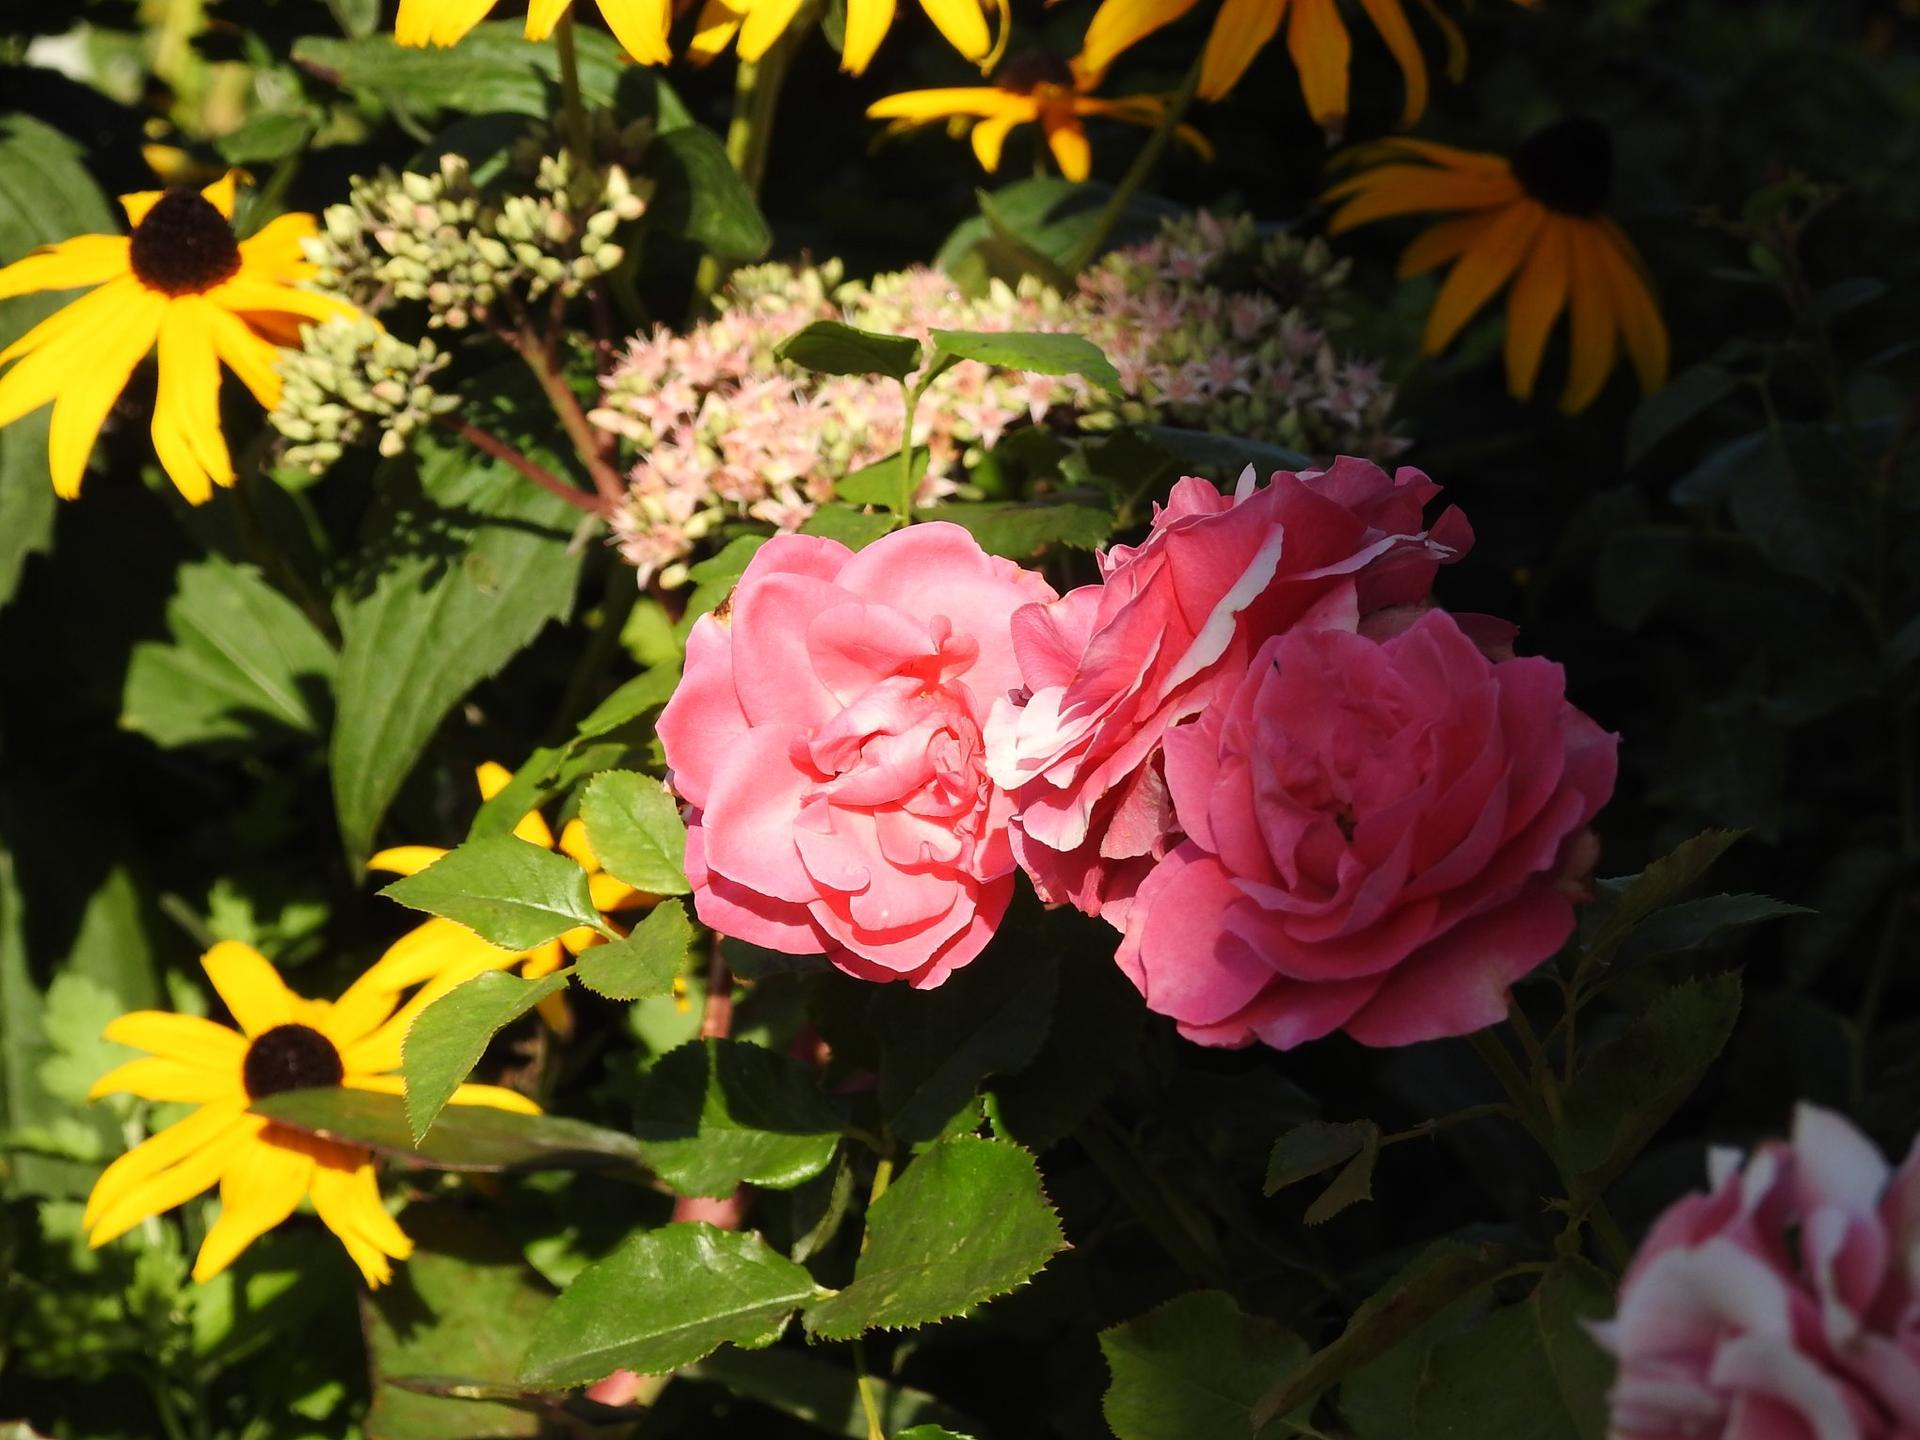 Letné krásky - Obrázok č. 33